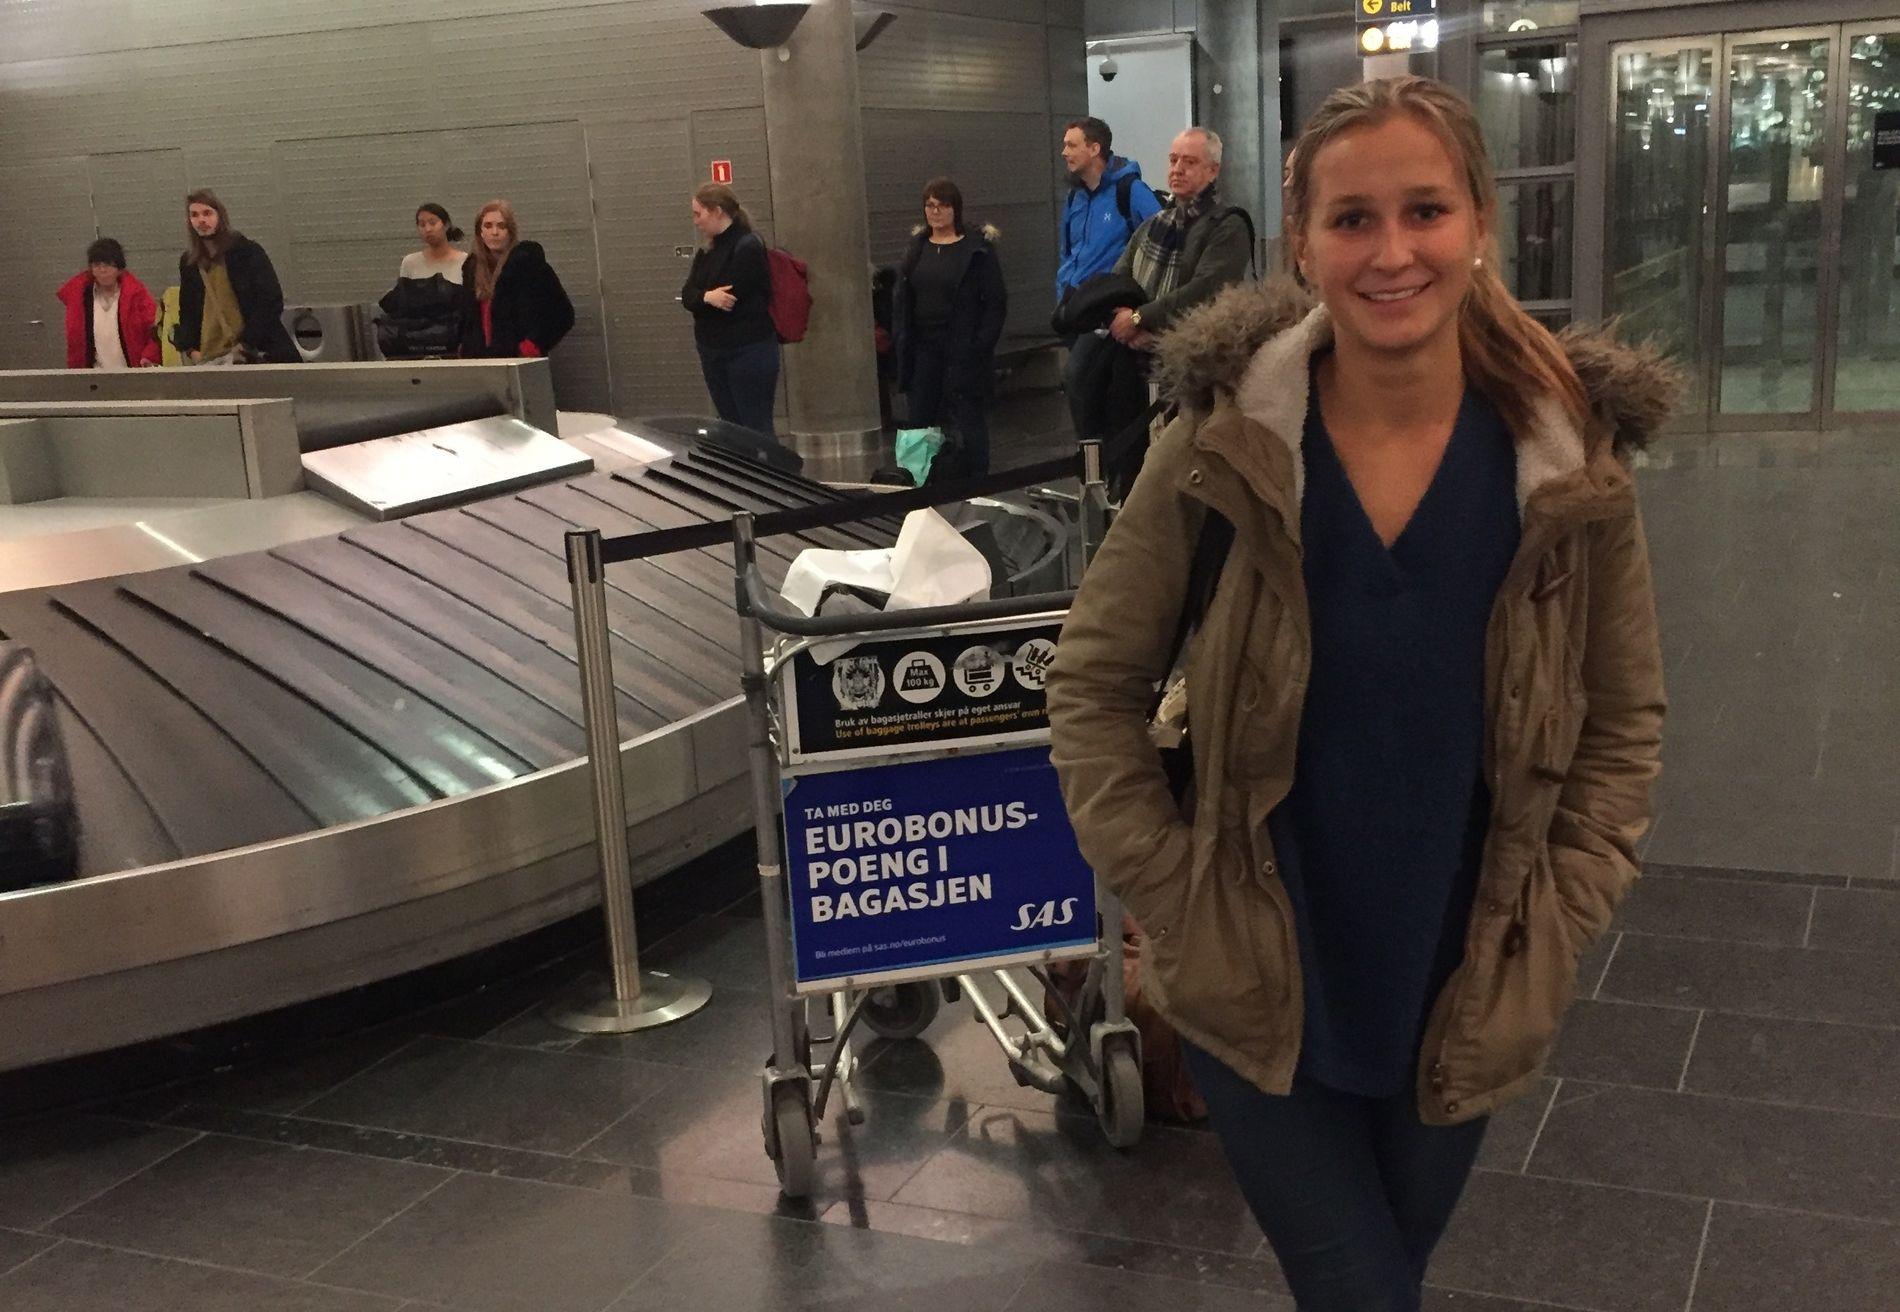 MÅTTE FLY: Heidi Othelie Lund (21) måtte finne en alternativ måte å komme seg hjem fra Danmark på da hun ikke kom ut av landet uten pass.